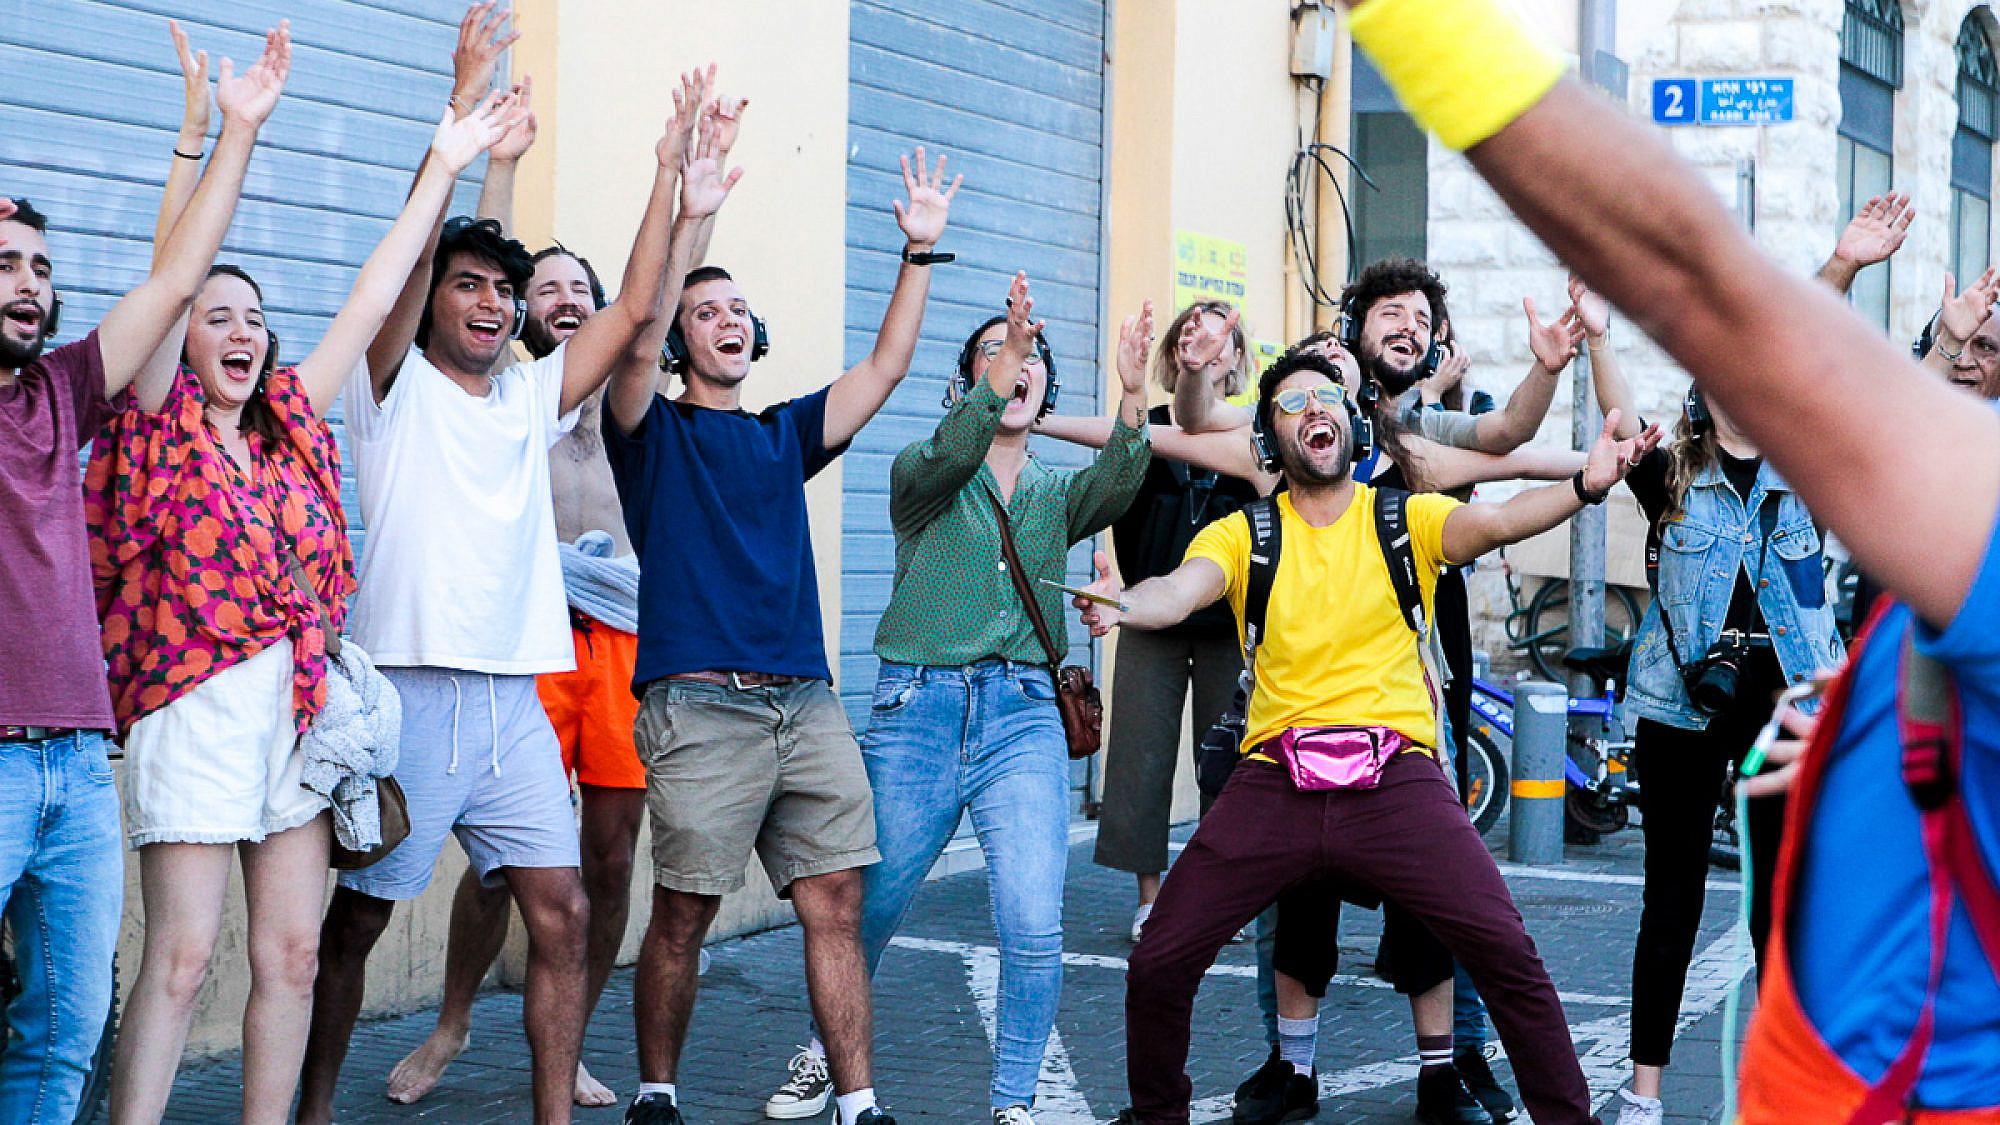 כפיר ליבנה עמרם (בצהוב) עם קהל יפואי נלהב (צילום: חן אוחיון)